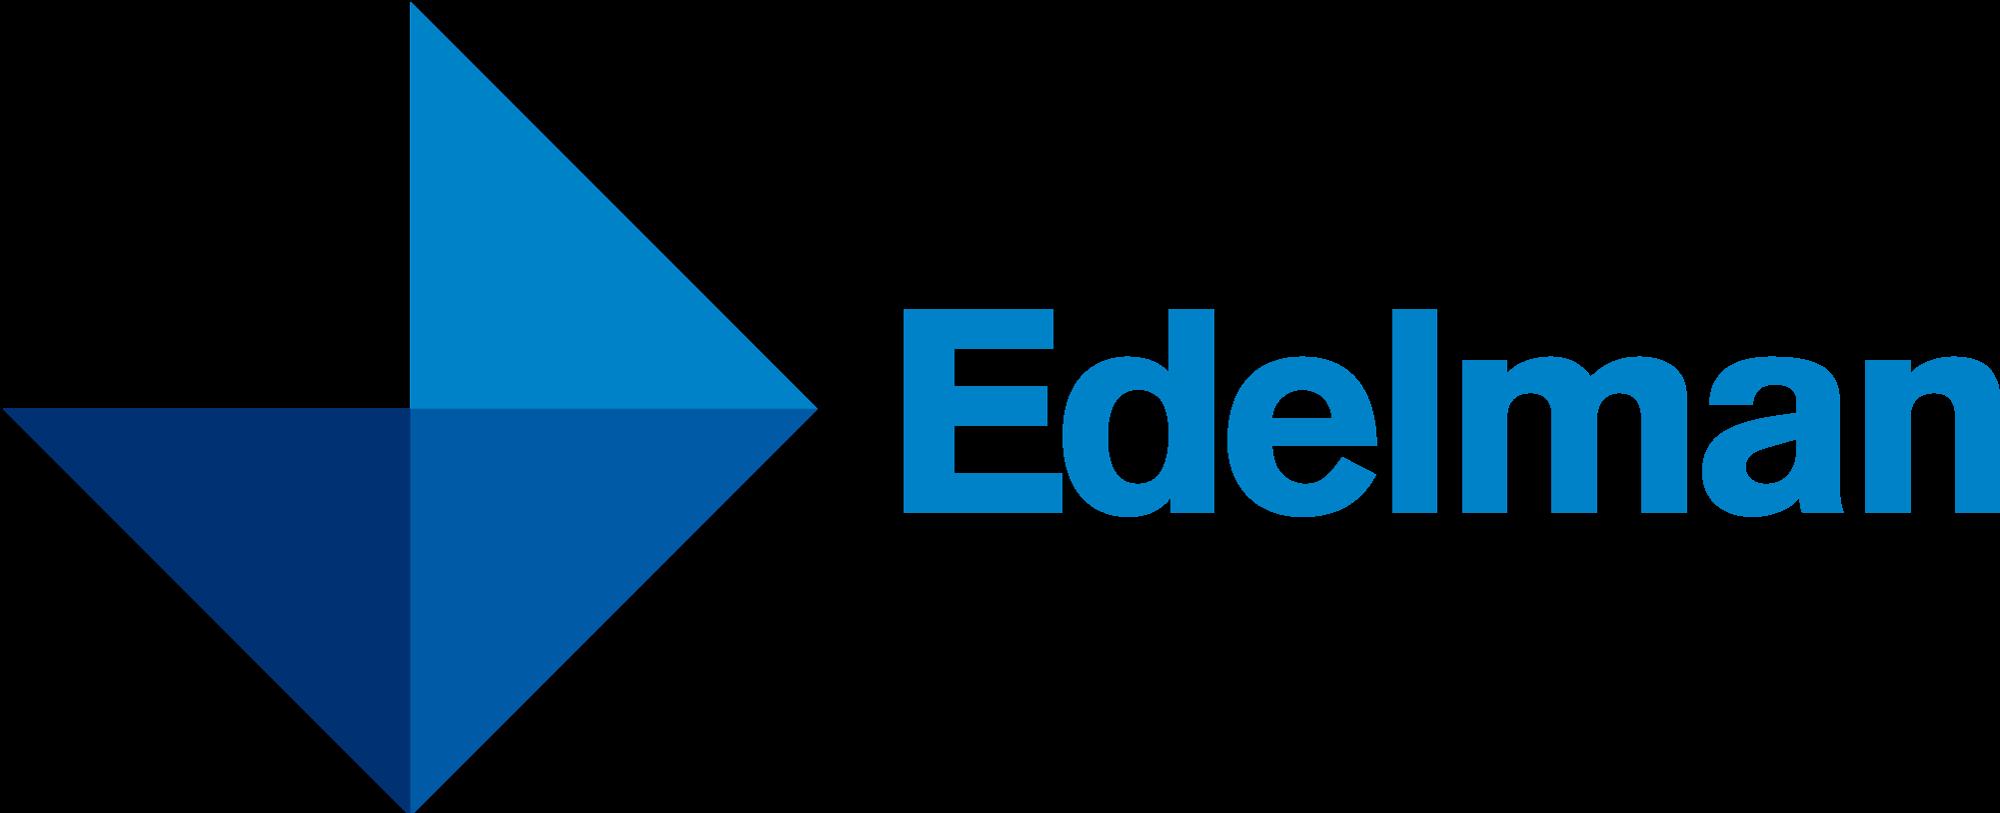 Edelman_Color.png